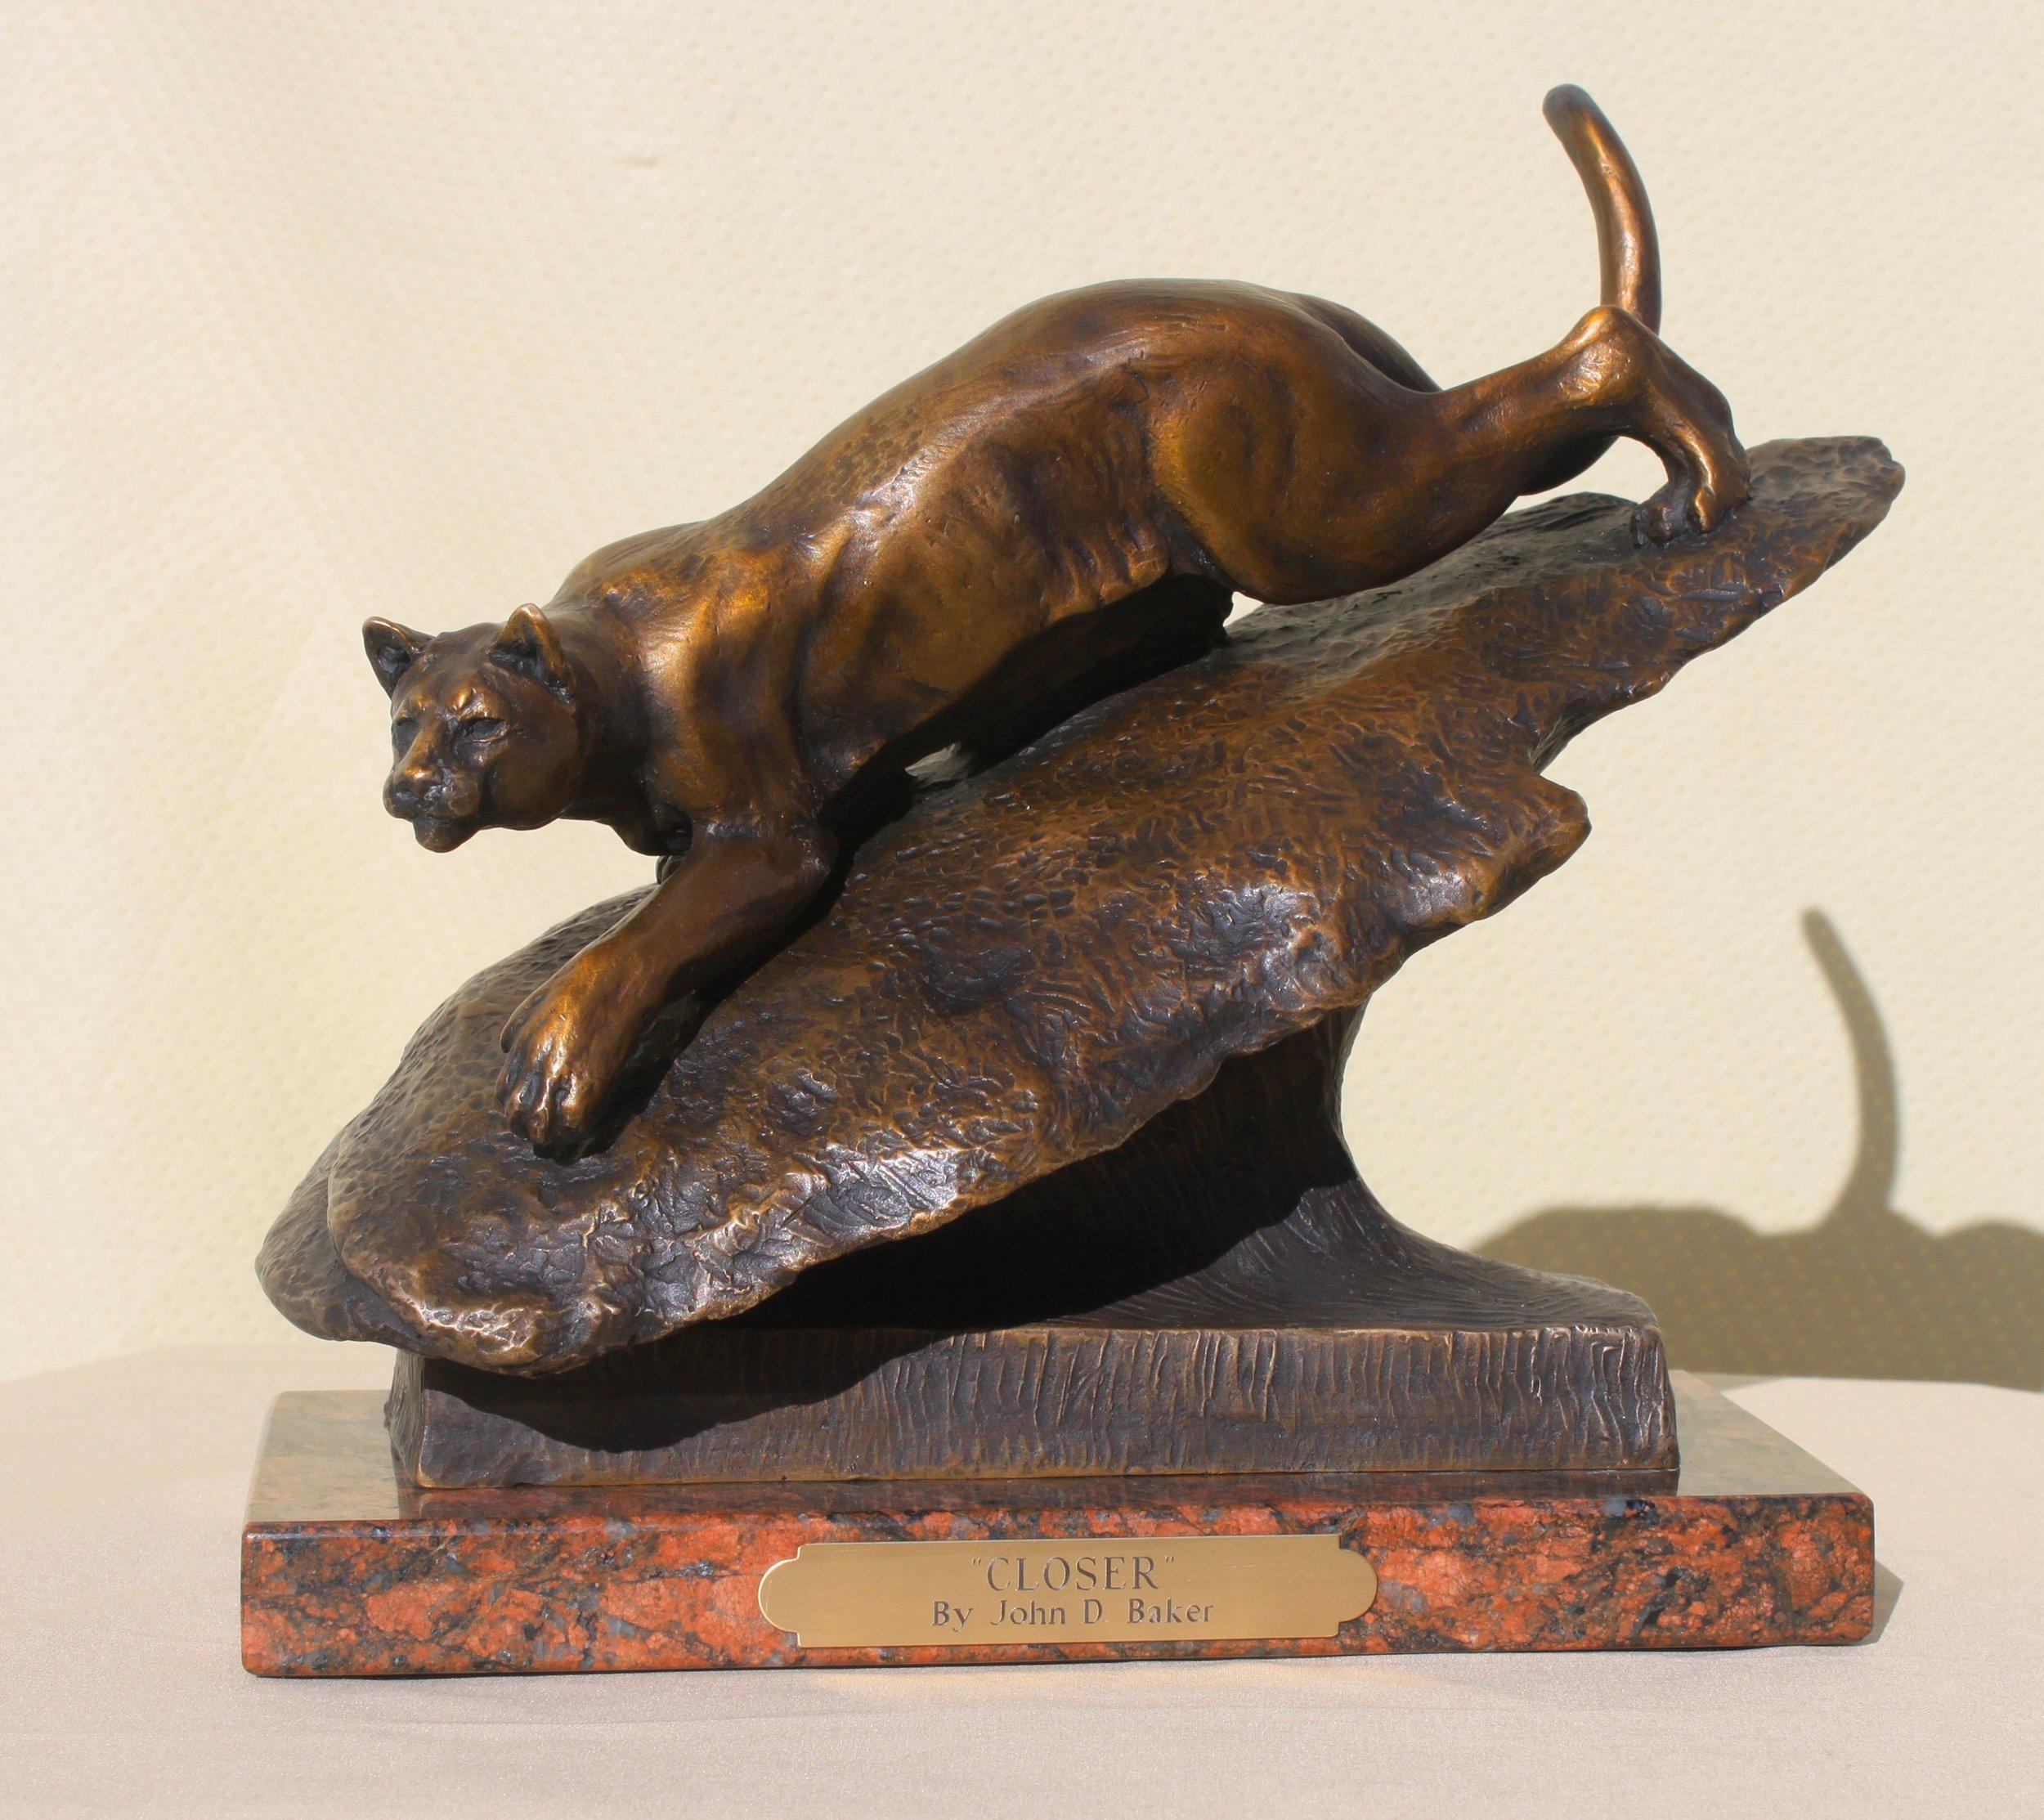 """Bronze Casting """"Closer"""" cougar 2016, approx.8"""" tall, by John D. Baker"""